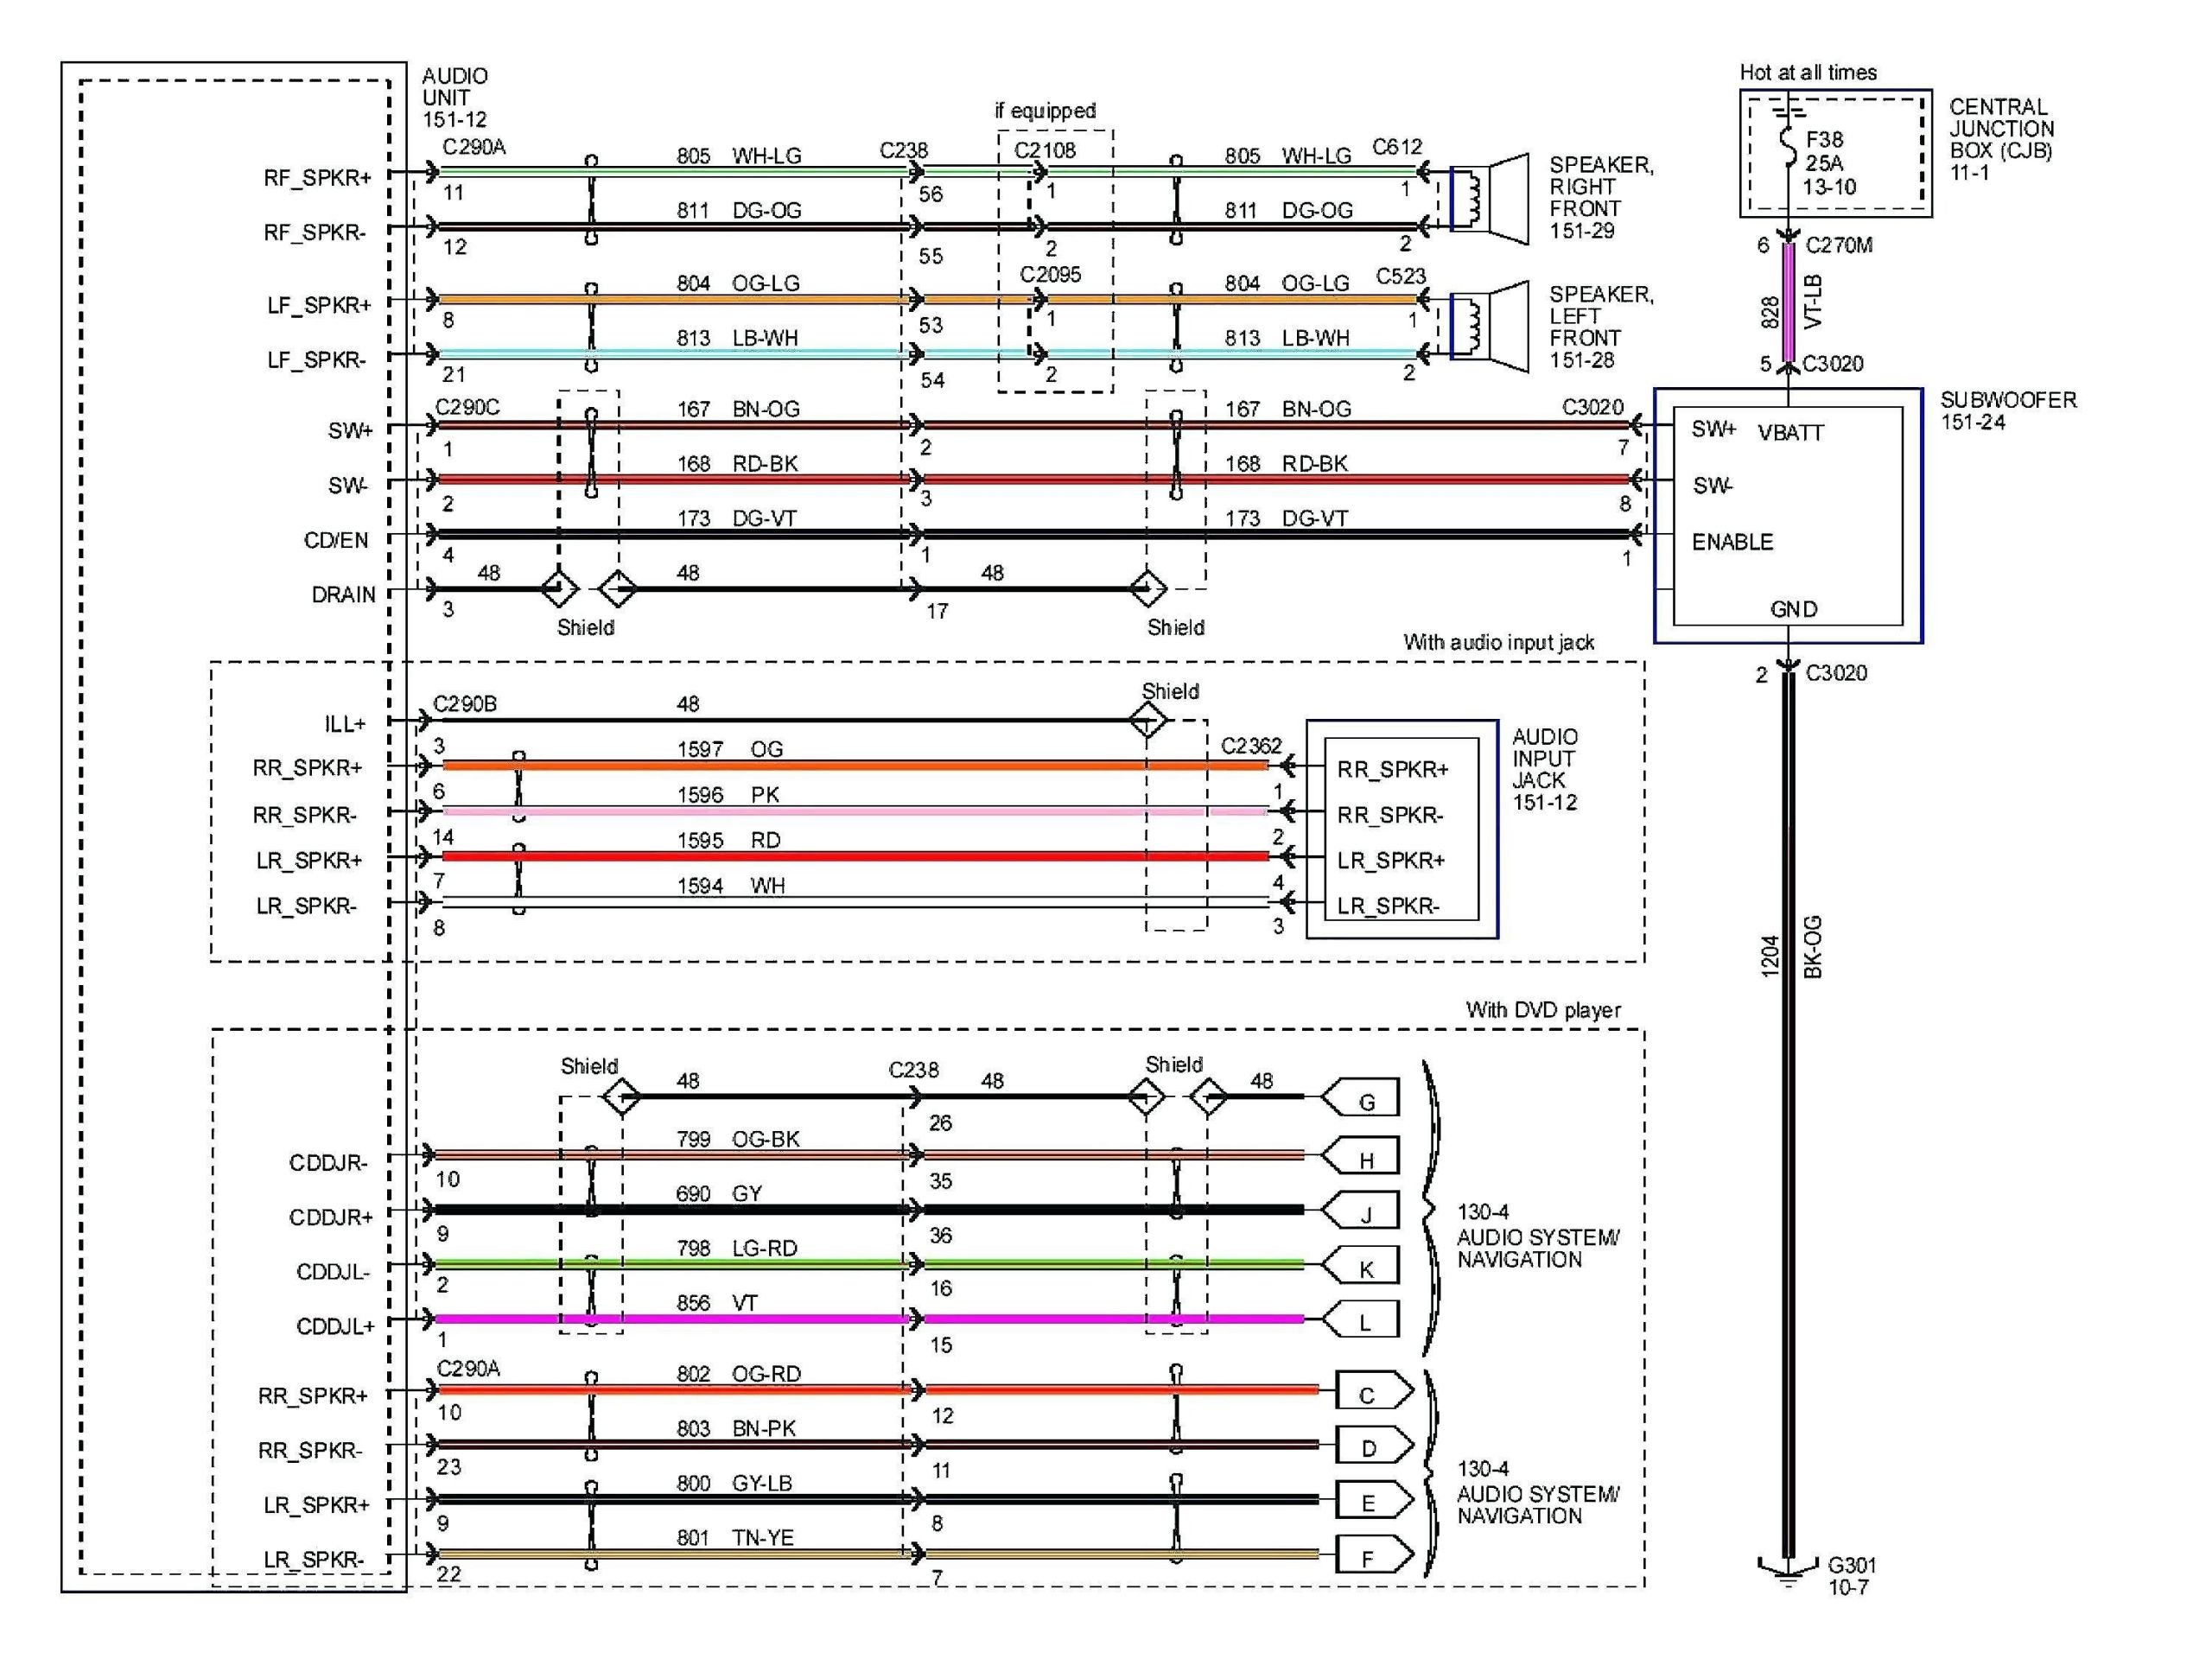 Me Wood Kdc-108 Cd Receiver Wiring Diagram Kenwood Kdc 108 Stereo Wire Diagram Of Me Wood Kdc-108 Cd Receiver Wiring Diagram